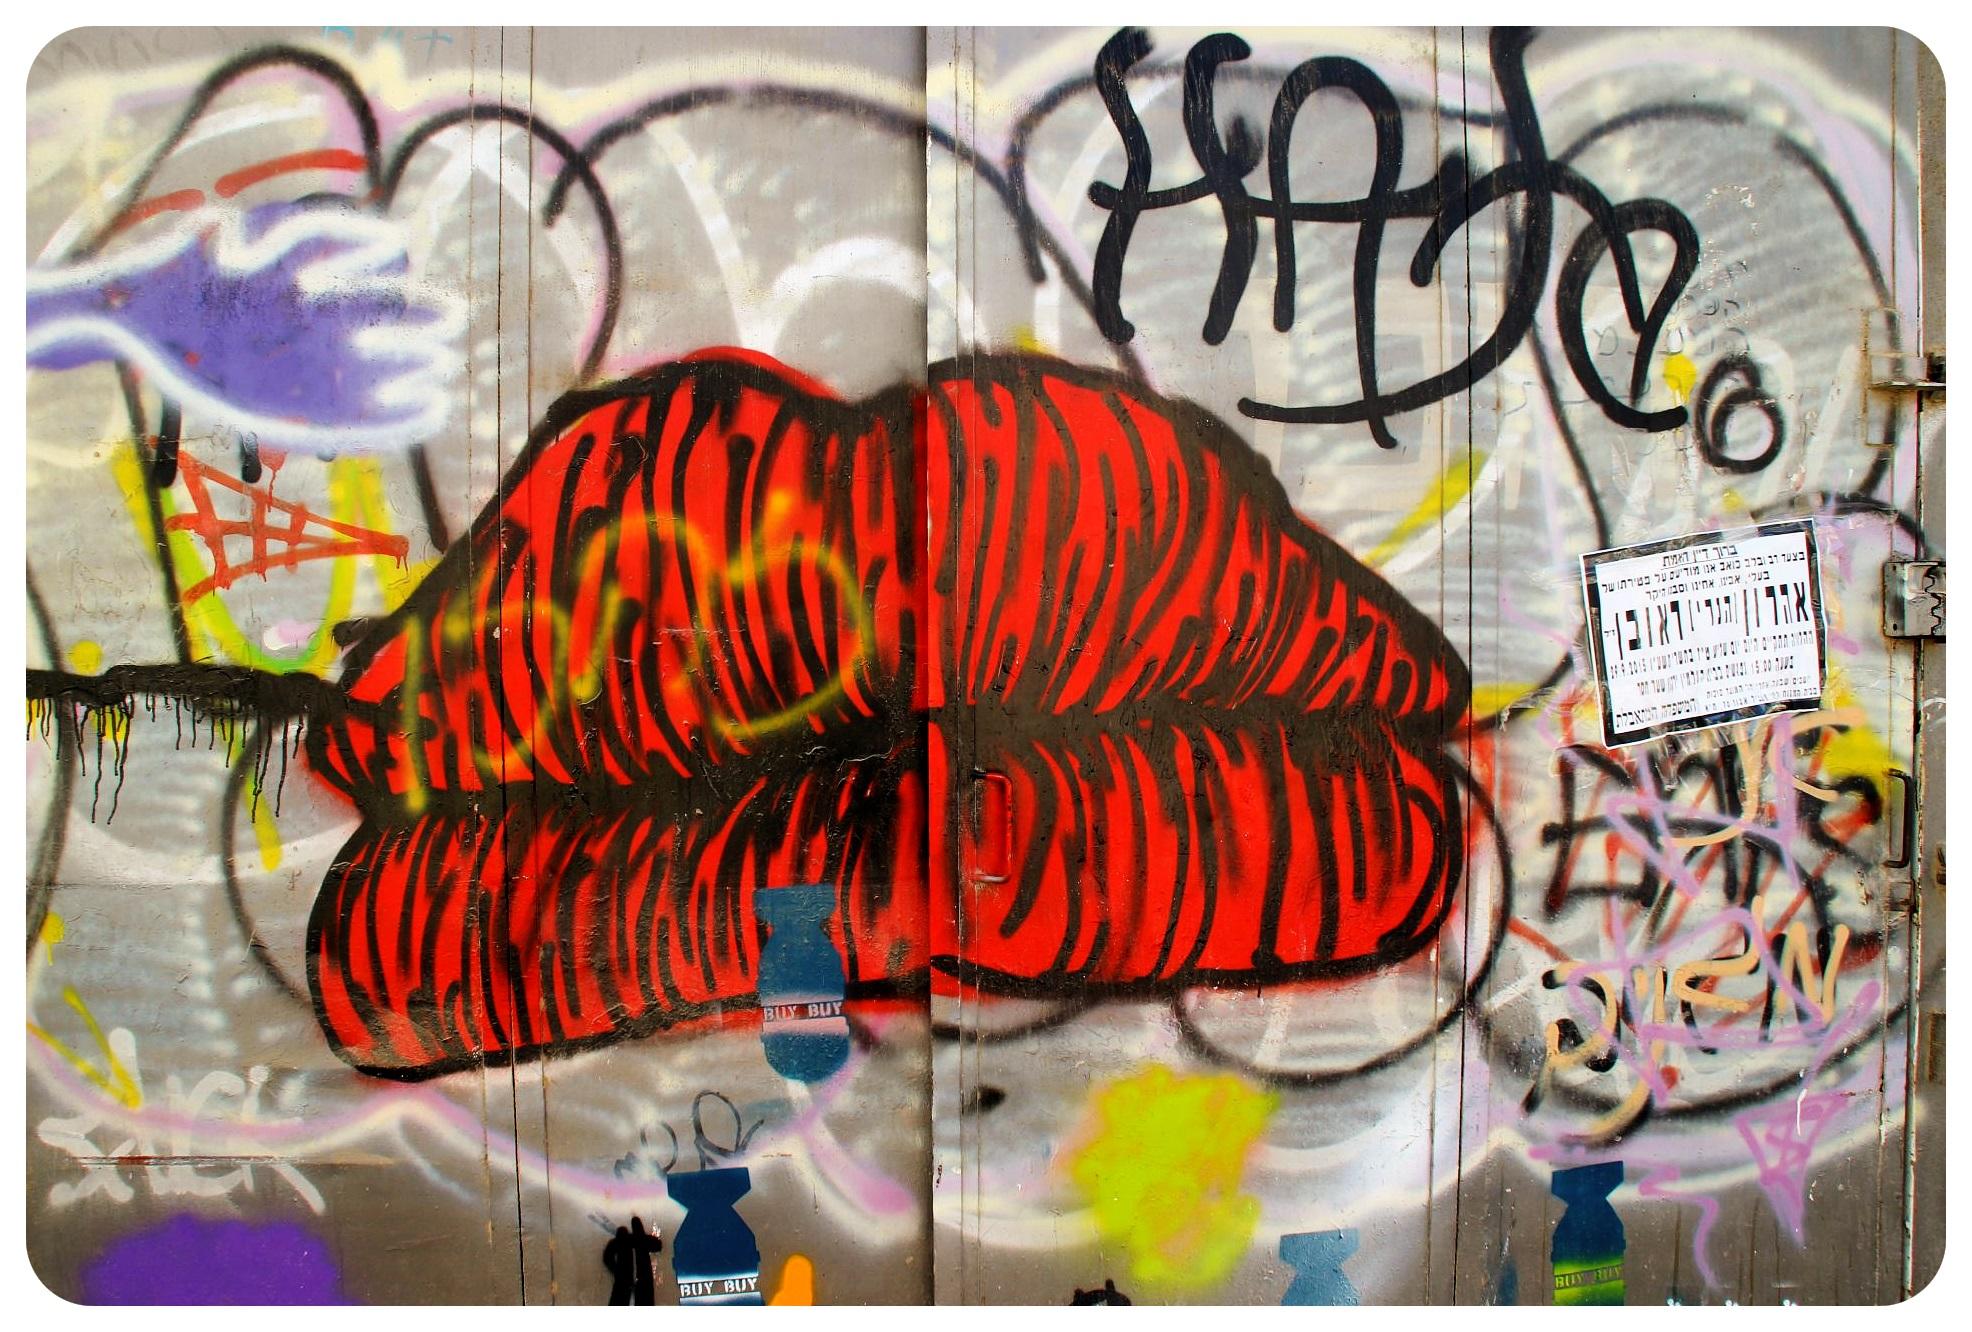 Tel aviv florentine street art lips